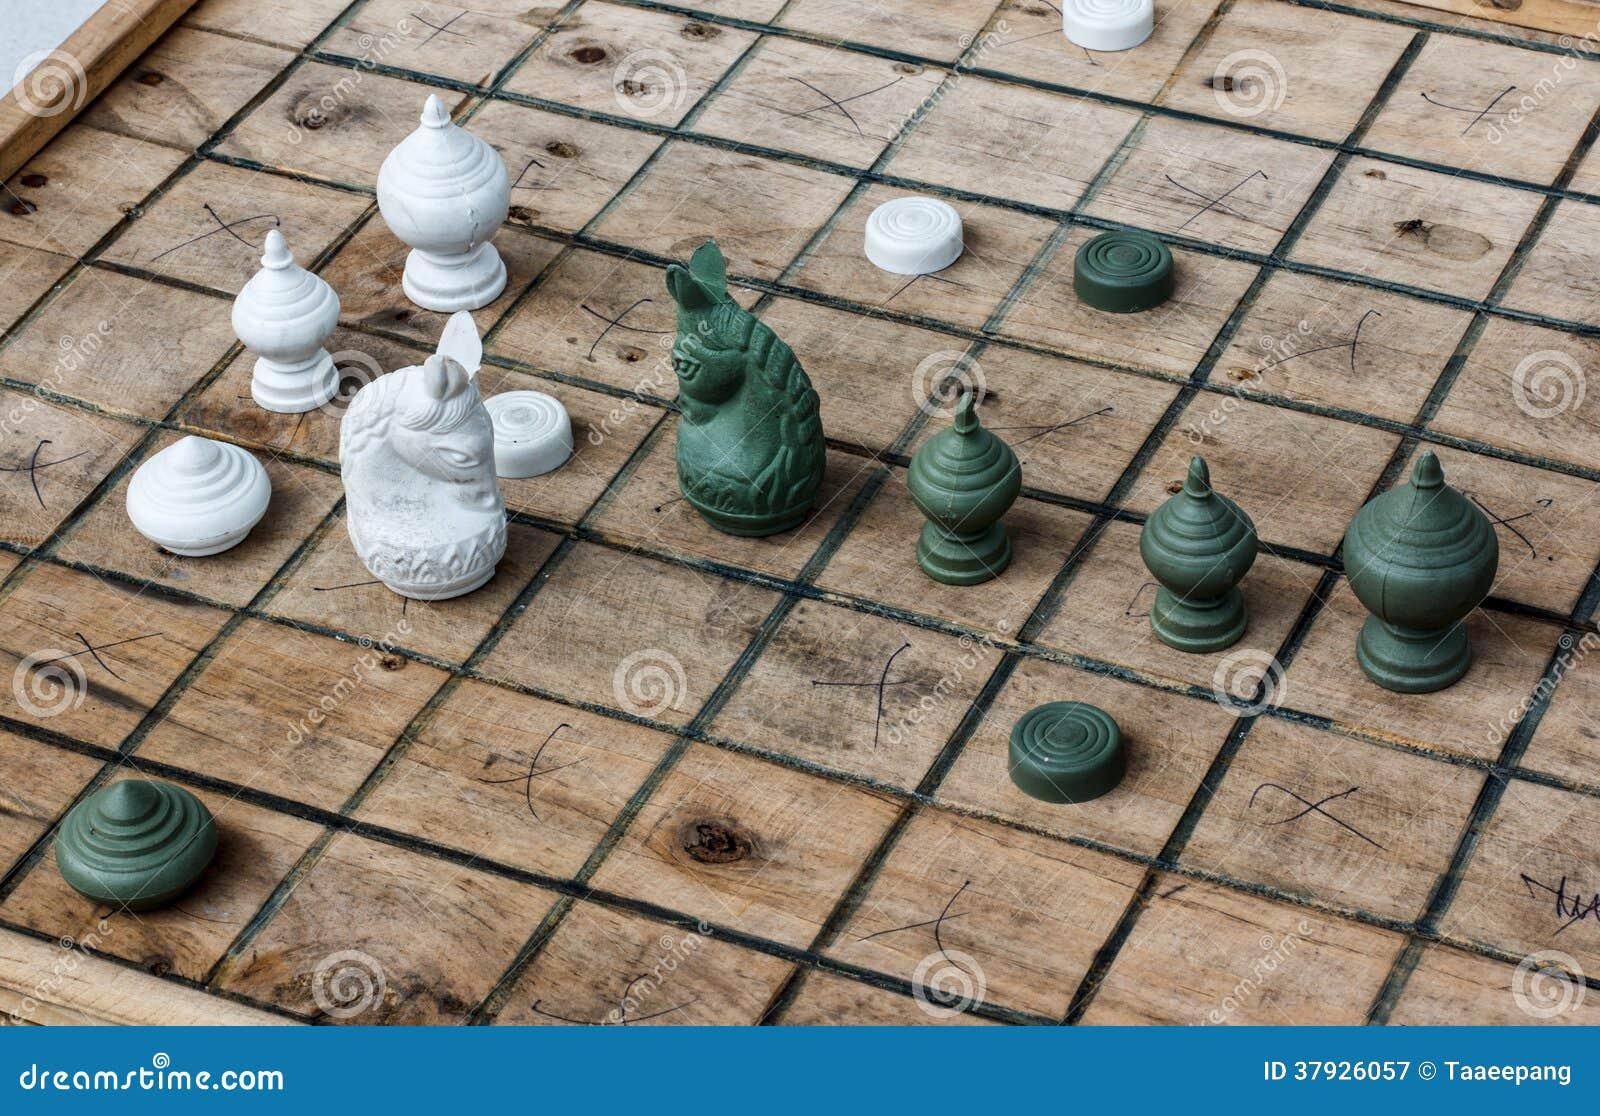 Шахмат Таиланд